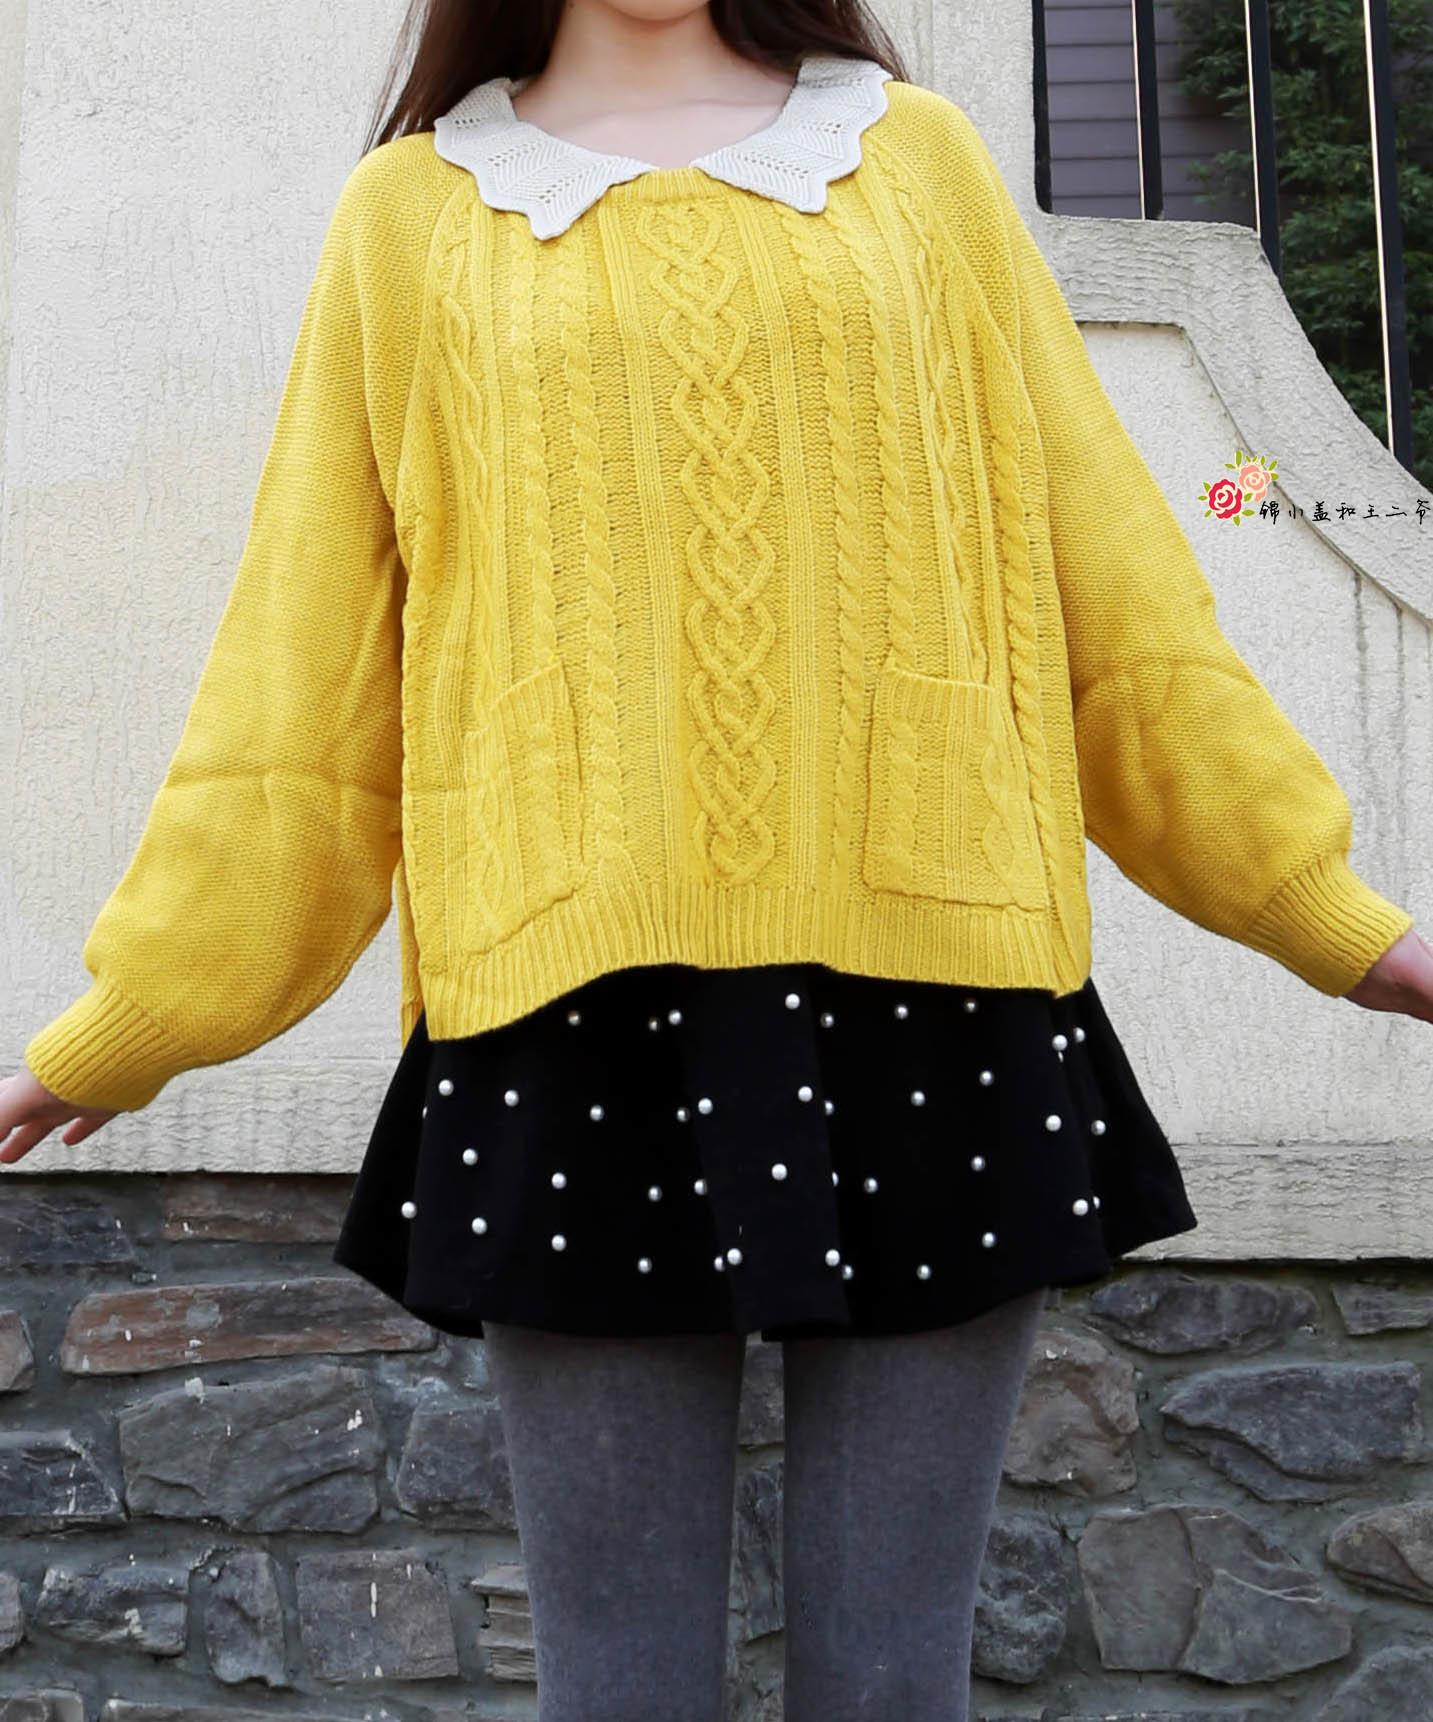 娃娃领的黄色蝙蝠袖毛衣搭配黑色珍珠呢短裙